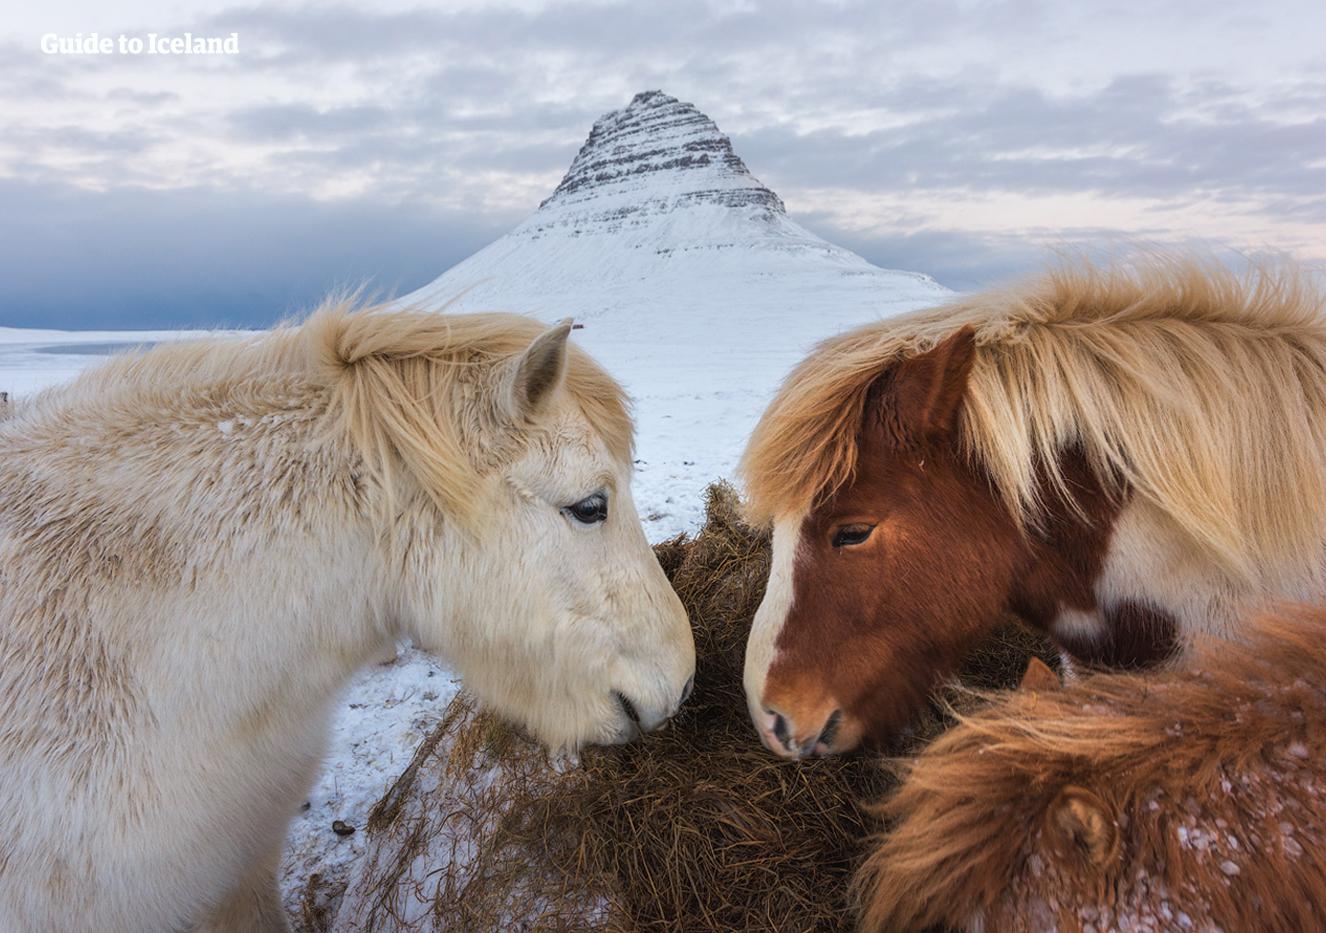 10-dniowa samodzielna podróż z polowaniem na zorzę, przez południowe wybrzeże Islandii i na półwysep Snaefellsnes